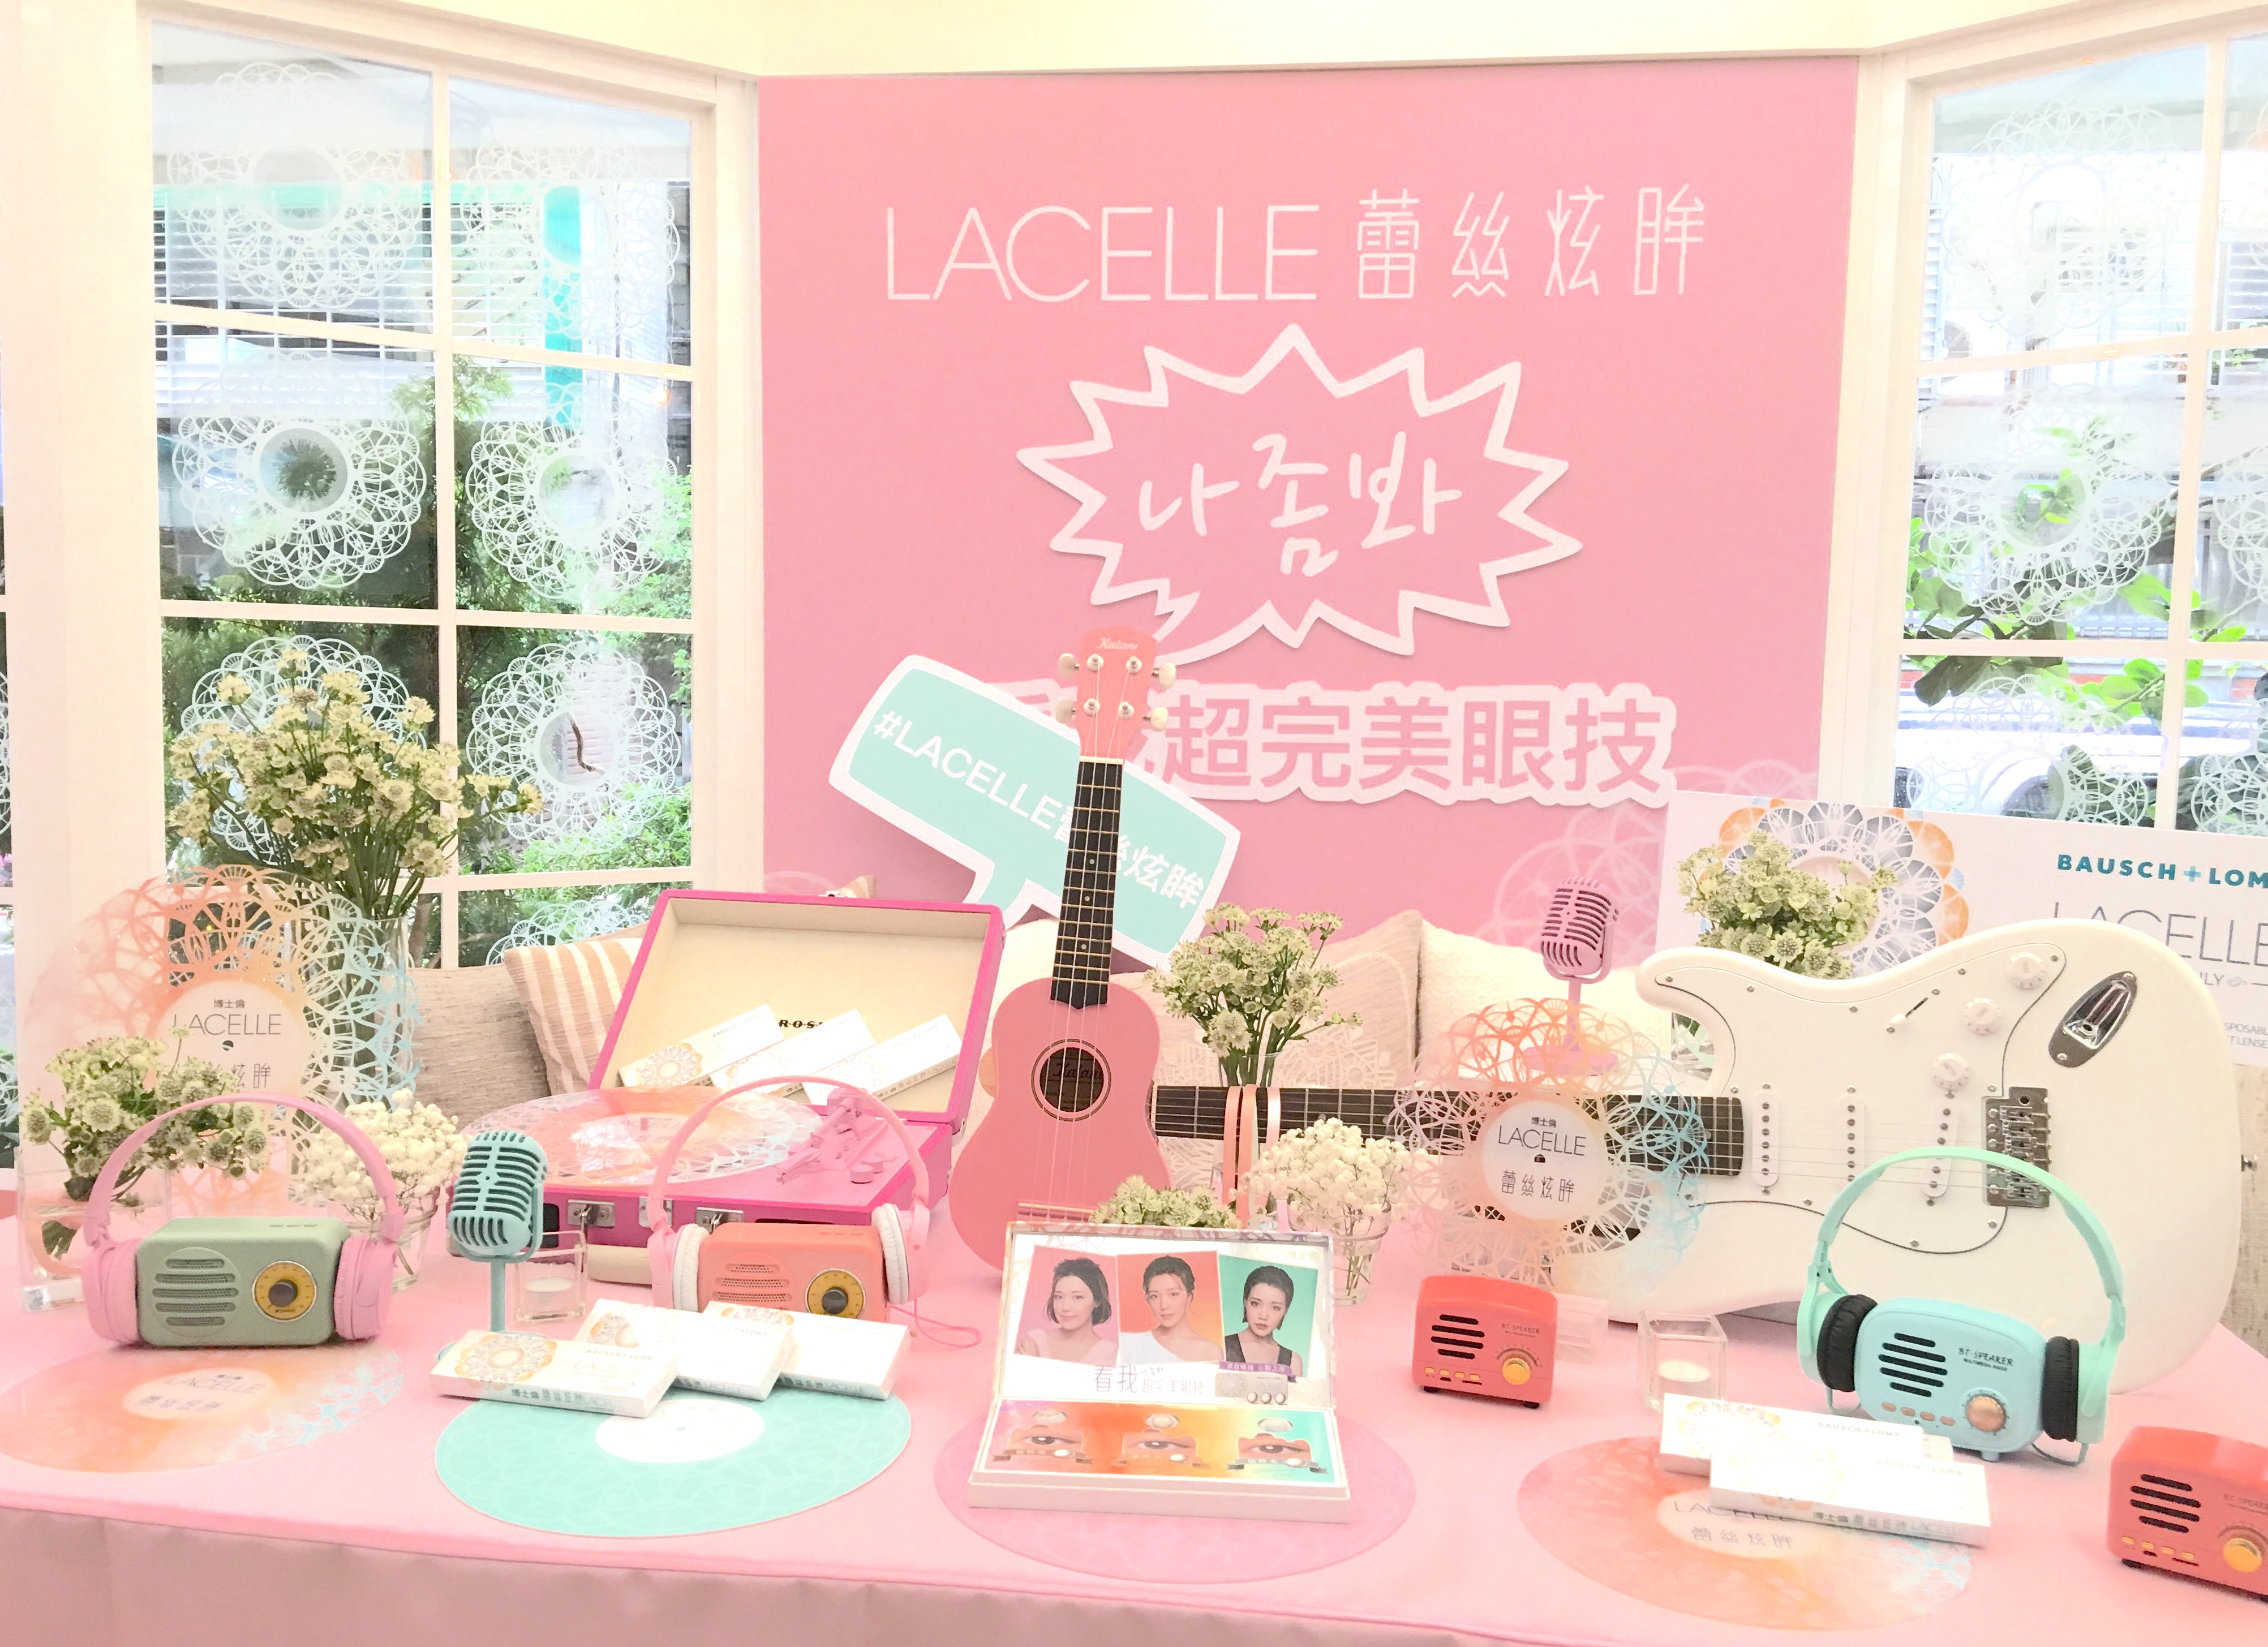 Lacelle蕾絲炫眸行動錄音室